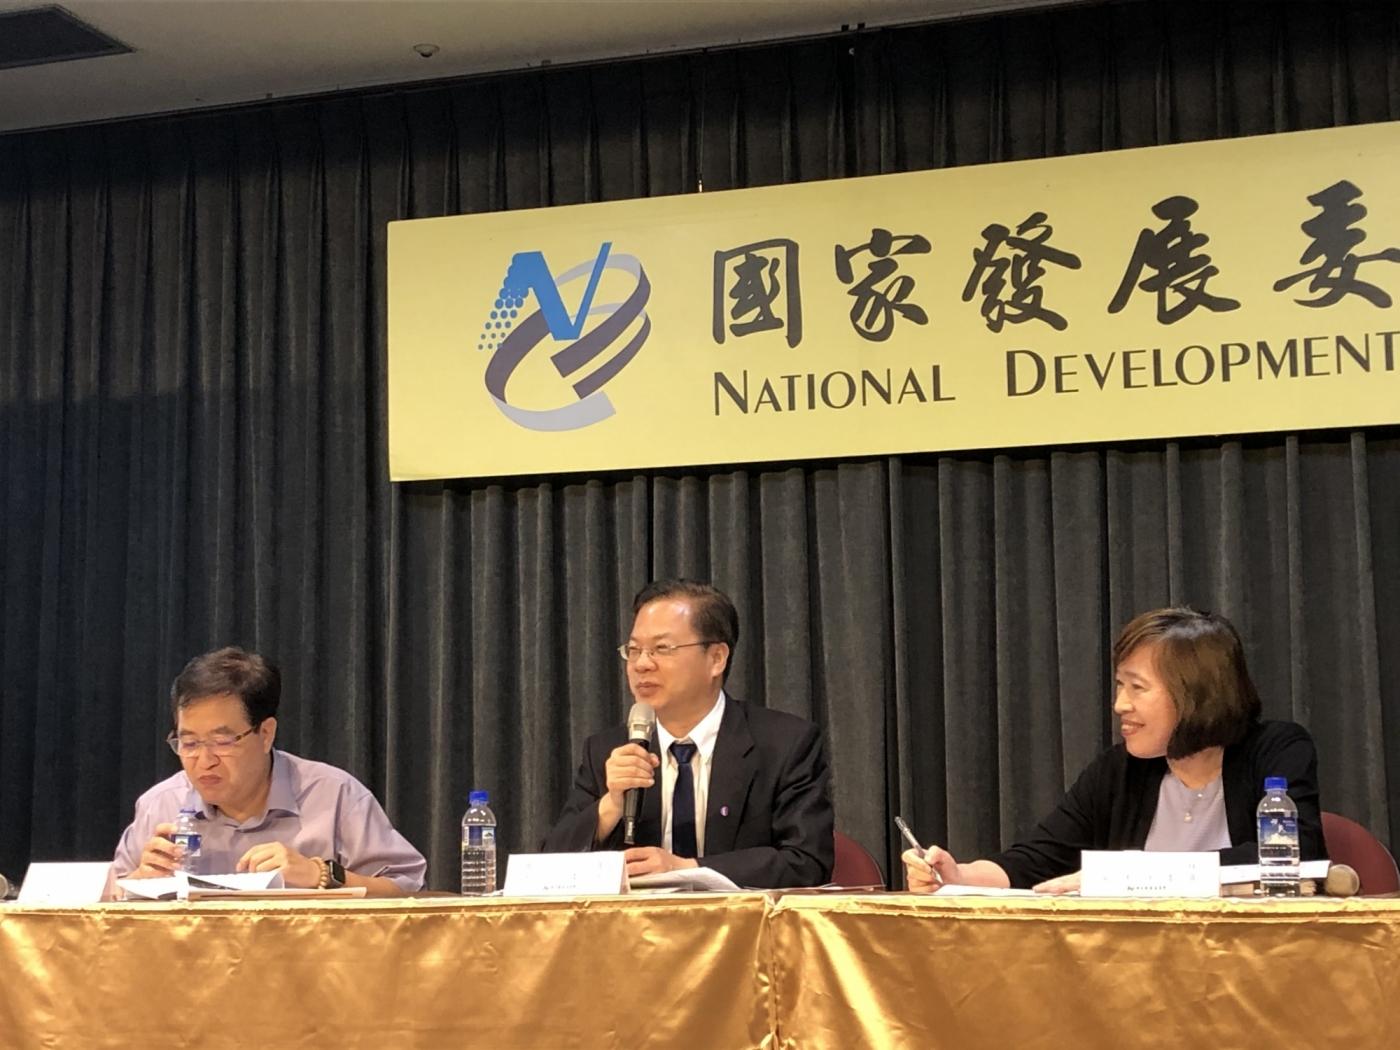 國發會提出國家發展4大策略,靠什麼喊經濟成長率衝3.4%?